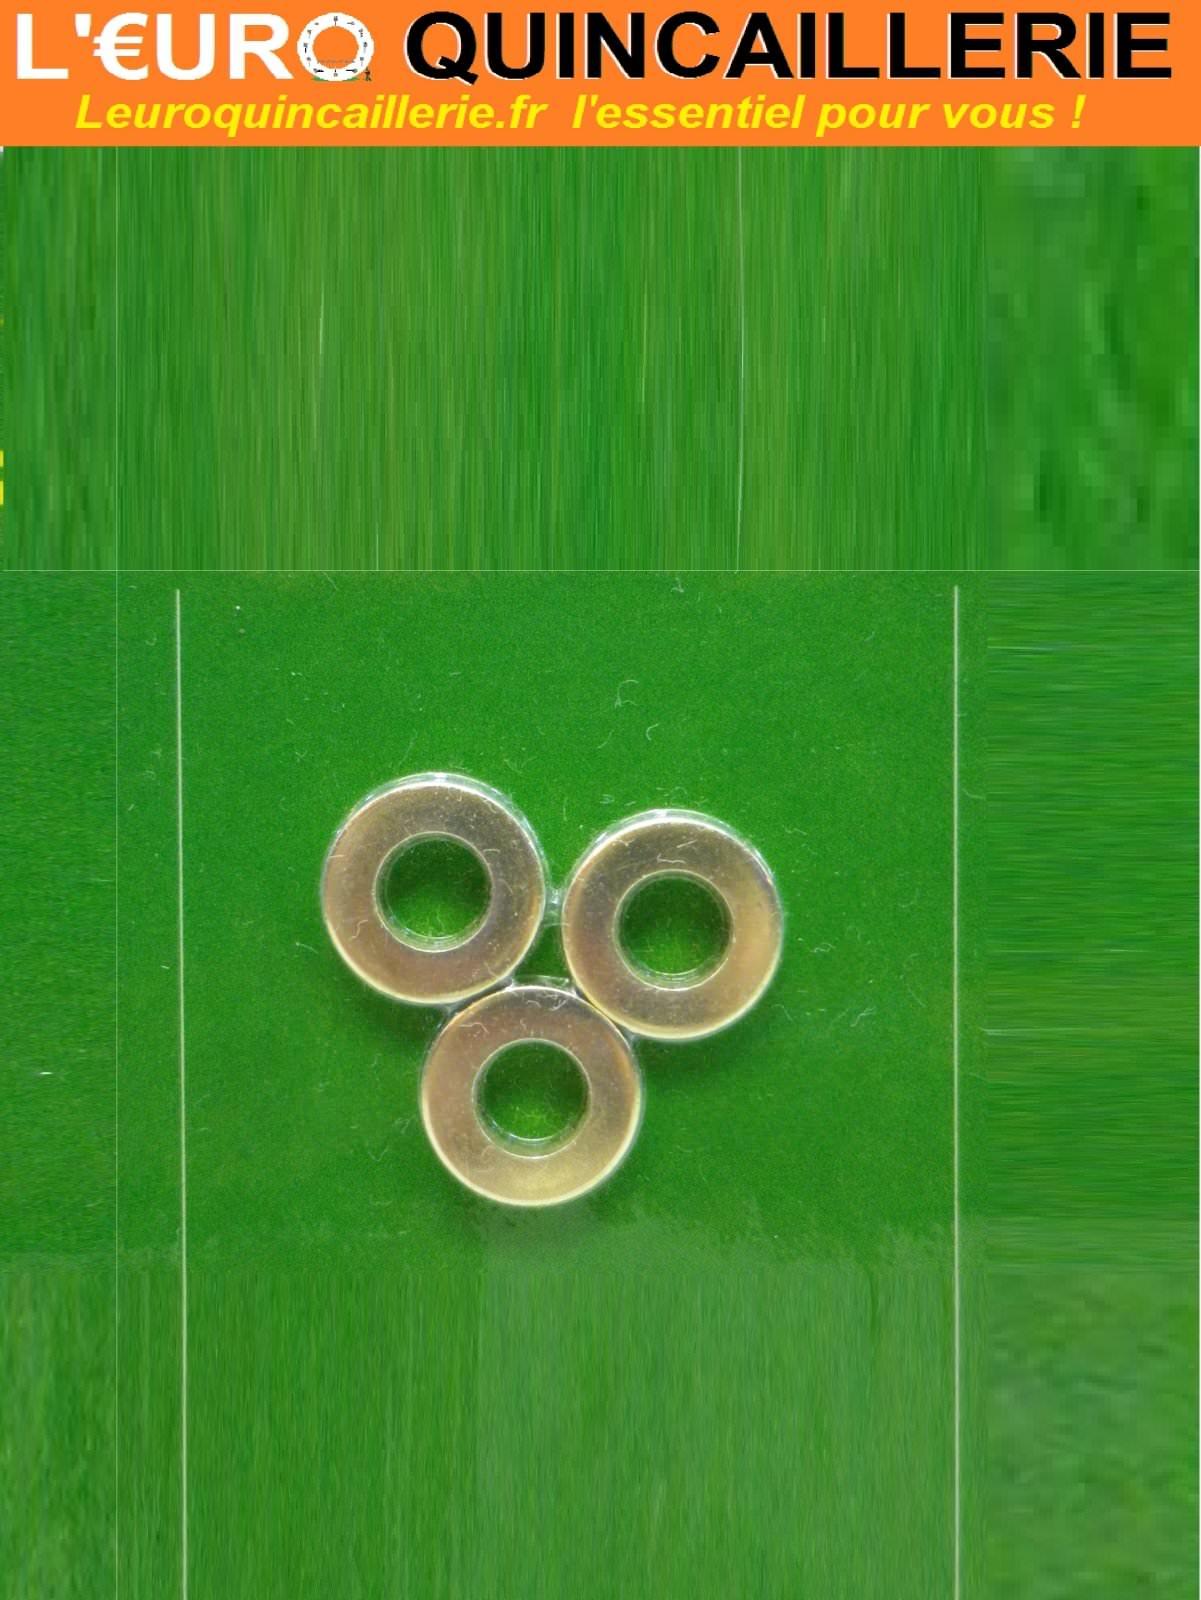 3 Bagues de paumelle laiton D.8mm